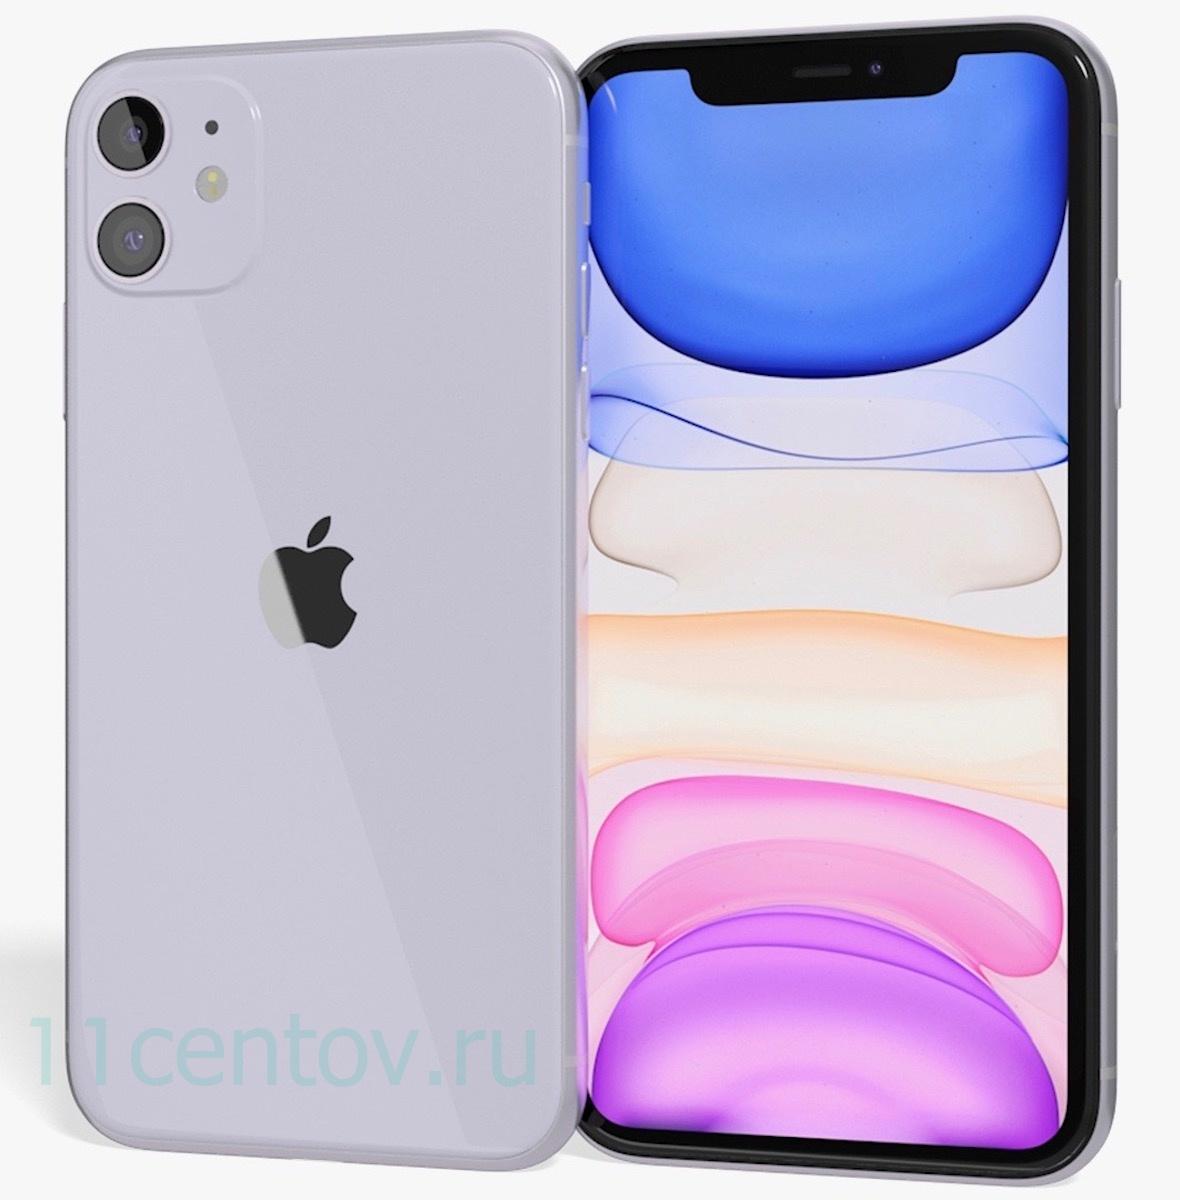 Купить Apple iPhone 11 128gb Фиолетовый (MHDM3RU/A) в интернет-магазине электроники «11 Центов»